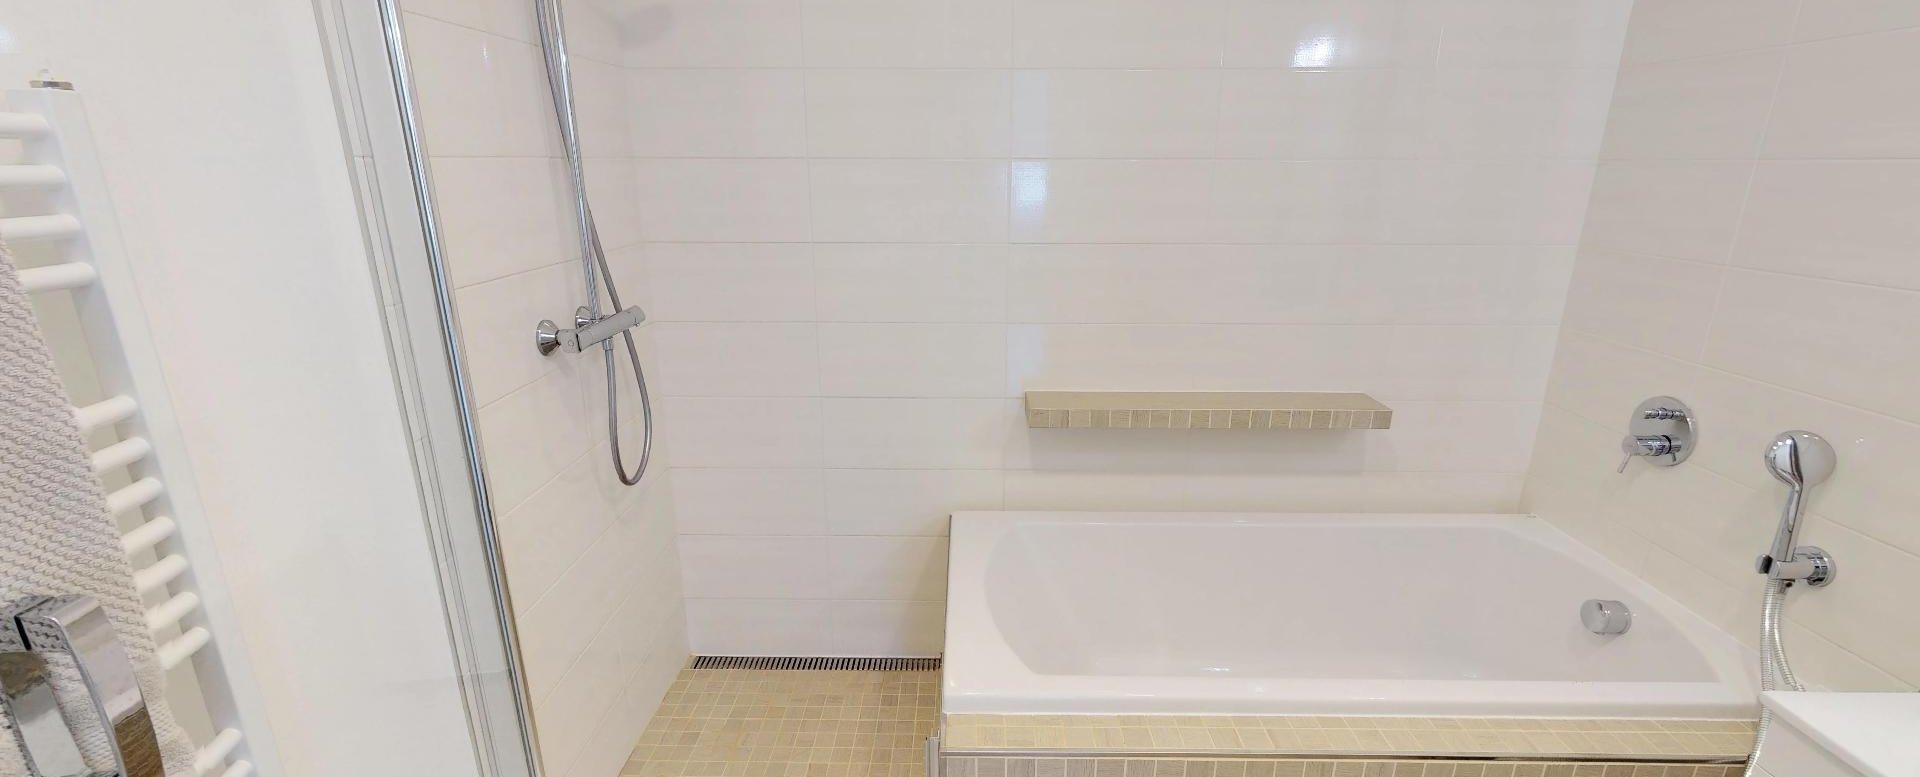 Vaňa so sprchovým kútom